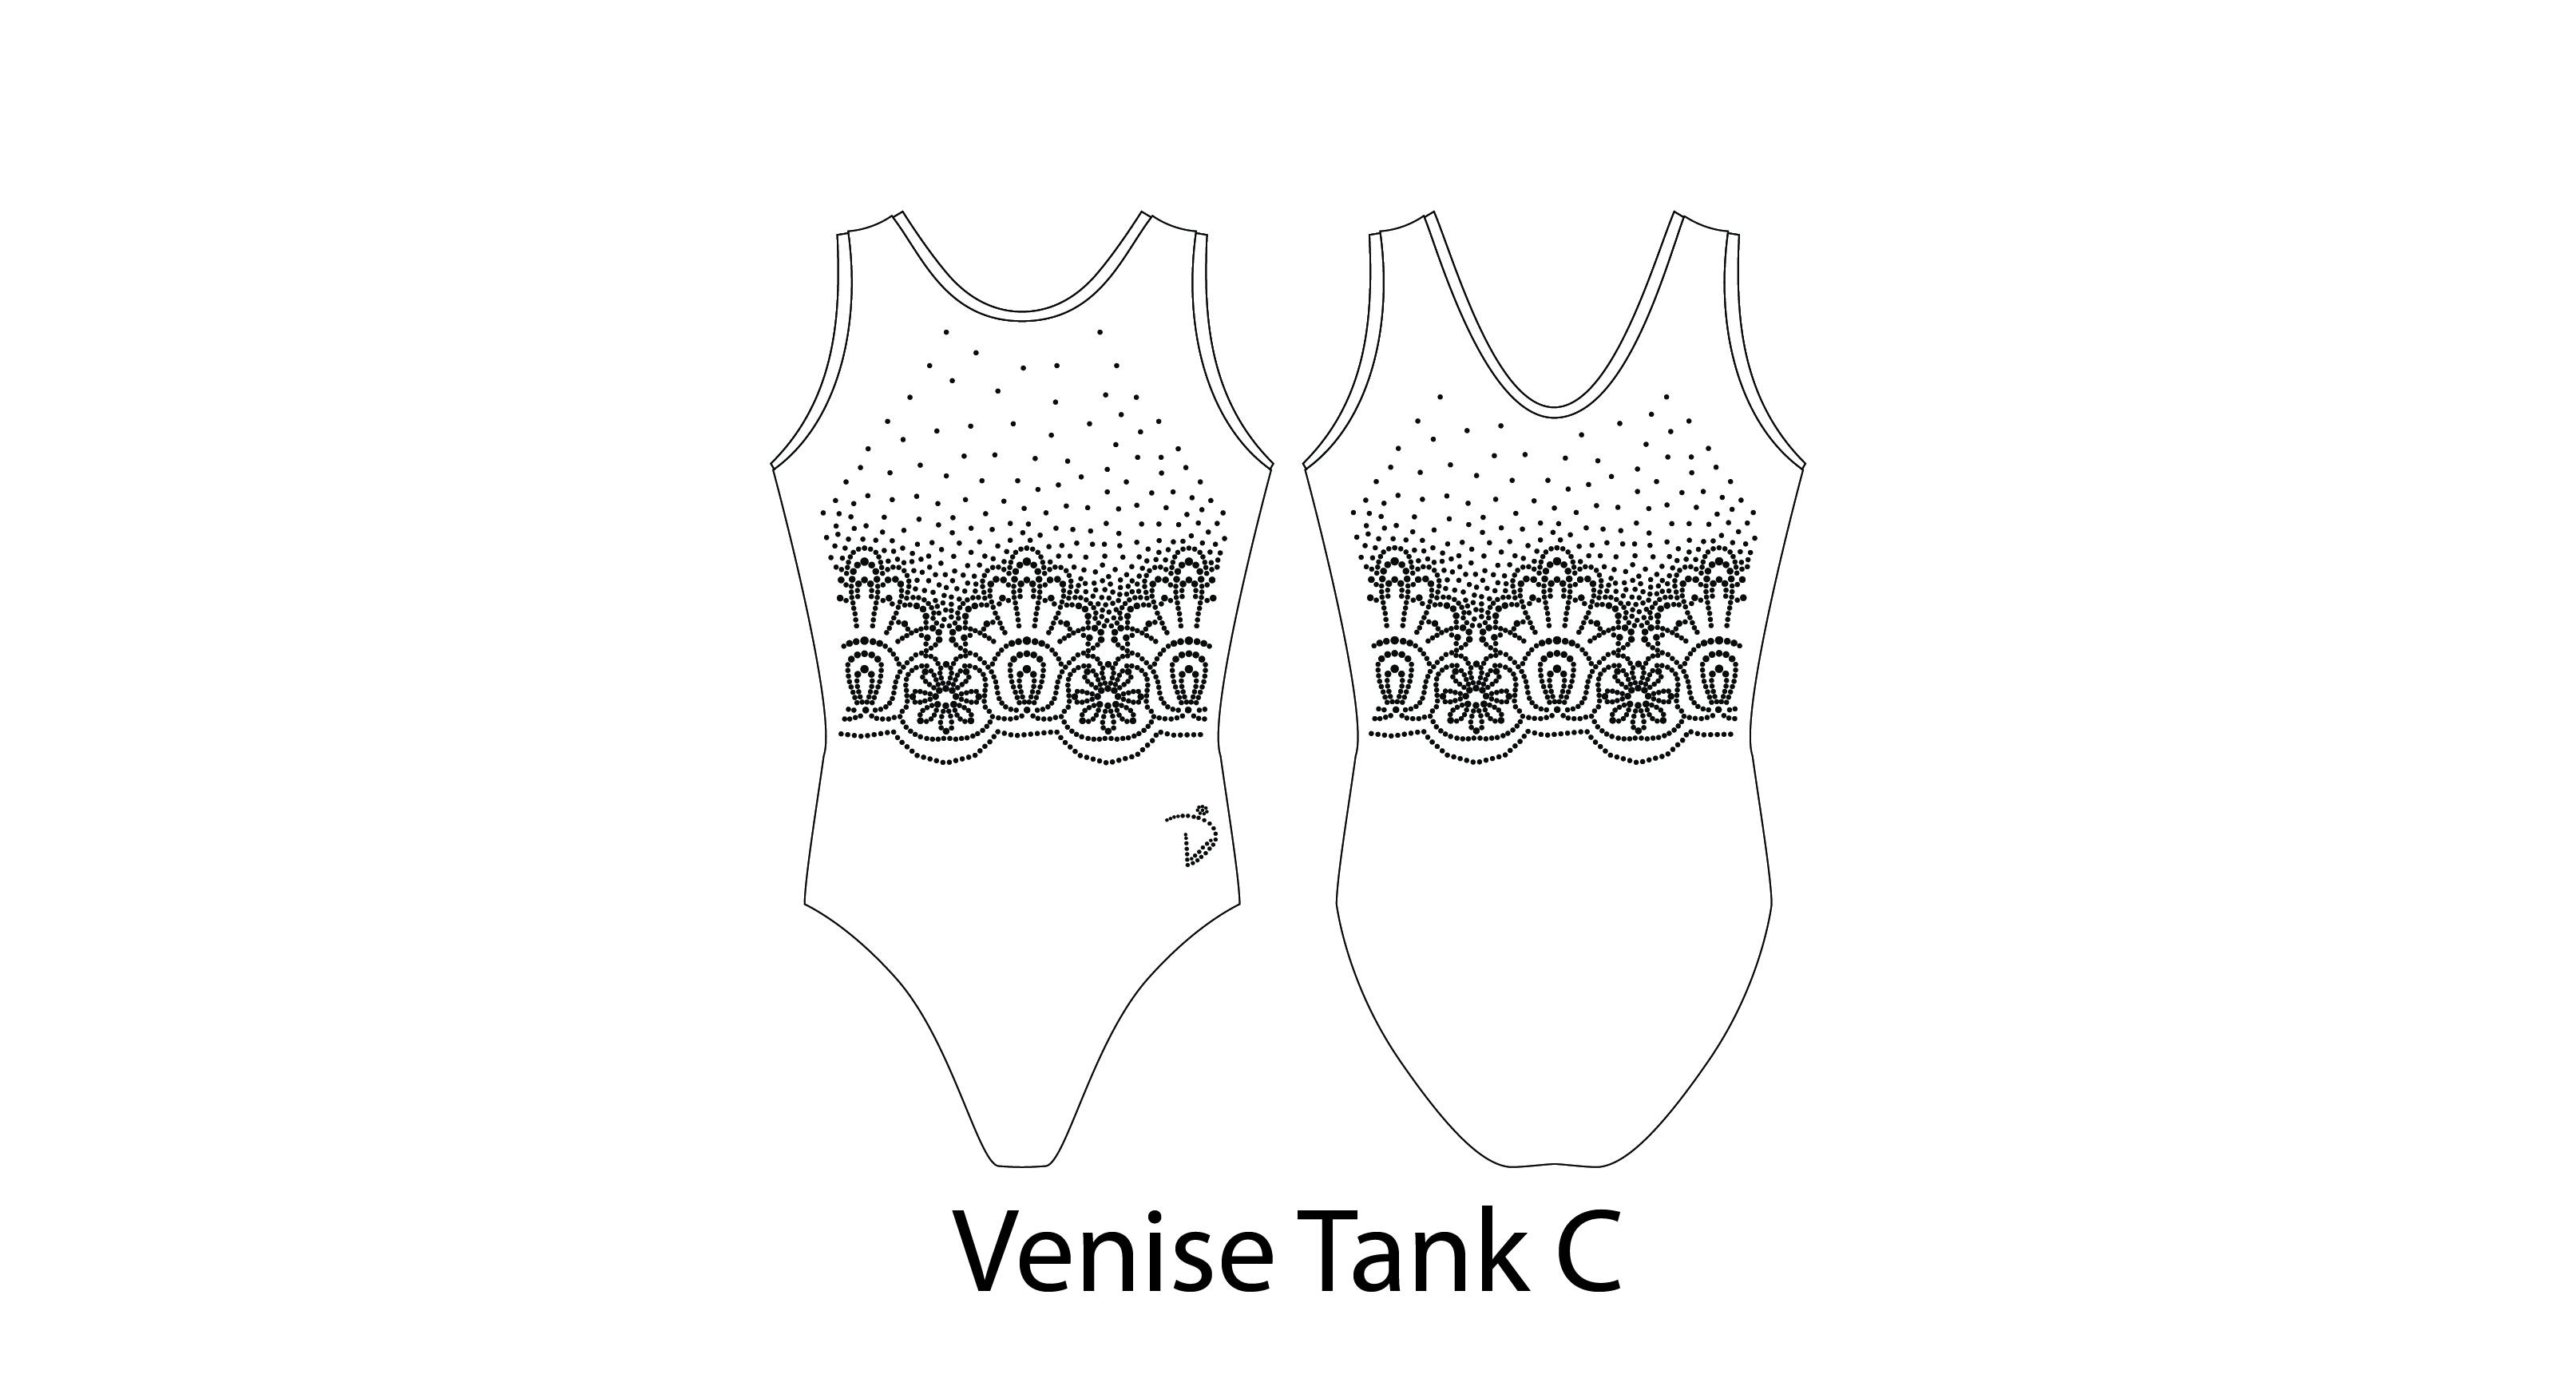 Venise Tank C